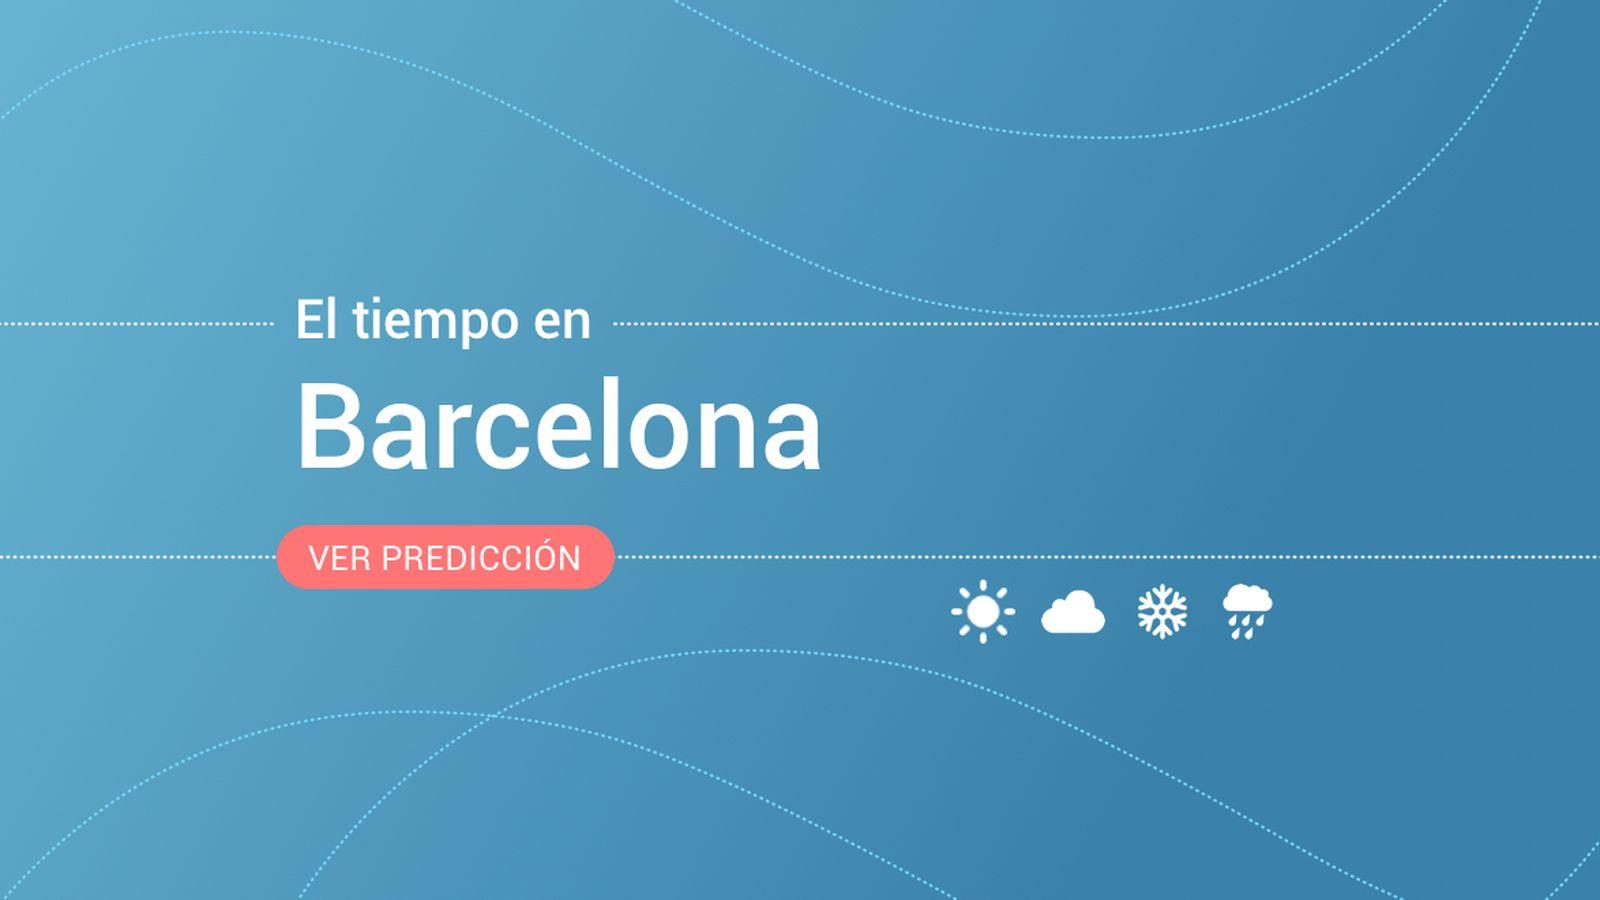 Foto: El tiempo en Barcelona. (EC)